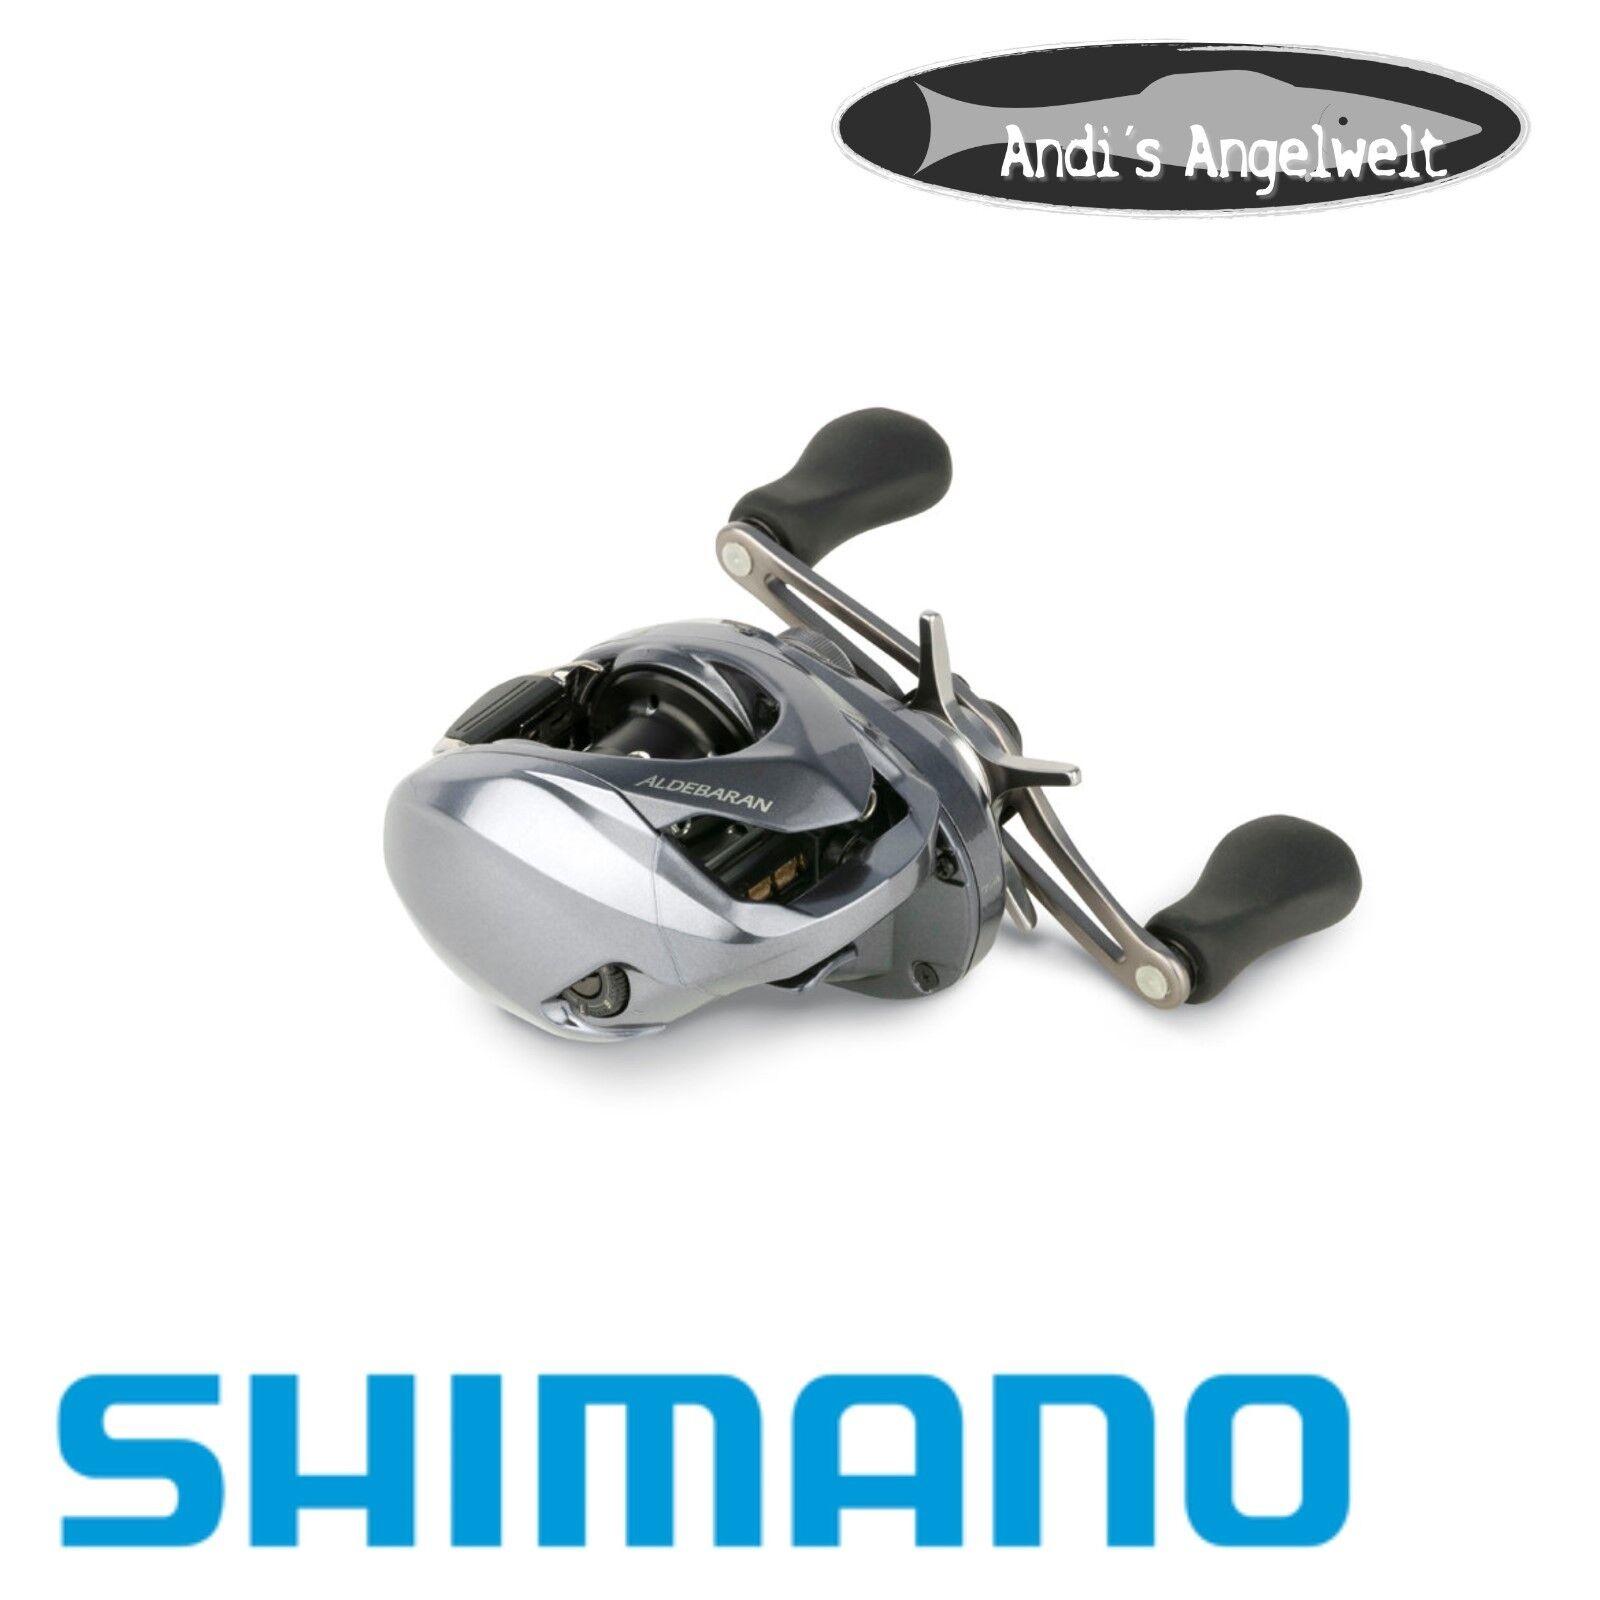 Shimano Aldebarán mgl 51 LH-distintos modelos-baitcastrolle-nuevo